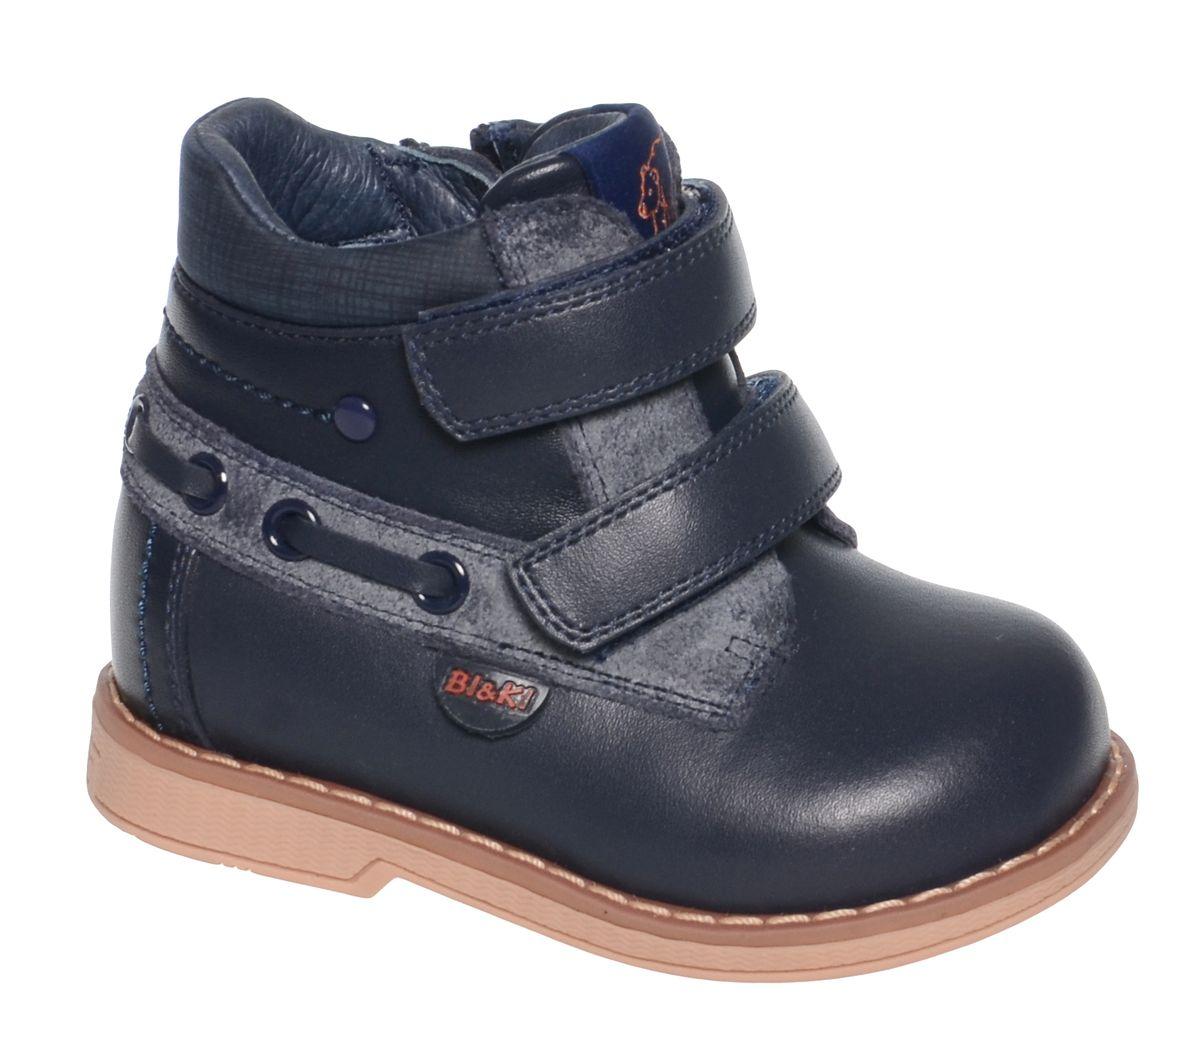 Ботинки для мальчика BiKi, цвет: темно-синий. A-B86-45-B. Размер 20A-B86-45-BДетские ботинки от BiKi заинтересуют вашего модника с первого взгляда. Модель выполнена из комбинации натуральной и искусственной кожи и декорирована шнуровкой. Внутренняя поверхность и стелька, выполненные из натуральной кожи и байки, предотвращают натирание и гарантируют комфорт. Подъем дополнен ремешками на застежках-липучках, которые обеспечивают плотное прилегание модели к стопе и регулируют объем. Ботинки застегиваются на застежку-молнию, расположенную на одной из боковых сторон. Подошва оснащена рифлением для лучшей сцепки с поверхностью. Стильные и удобные ботинки - незаменимая вещь в весенне-осеннем гардеробе.